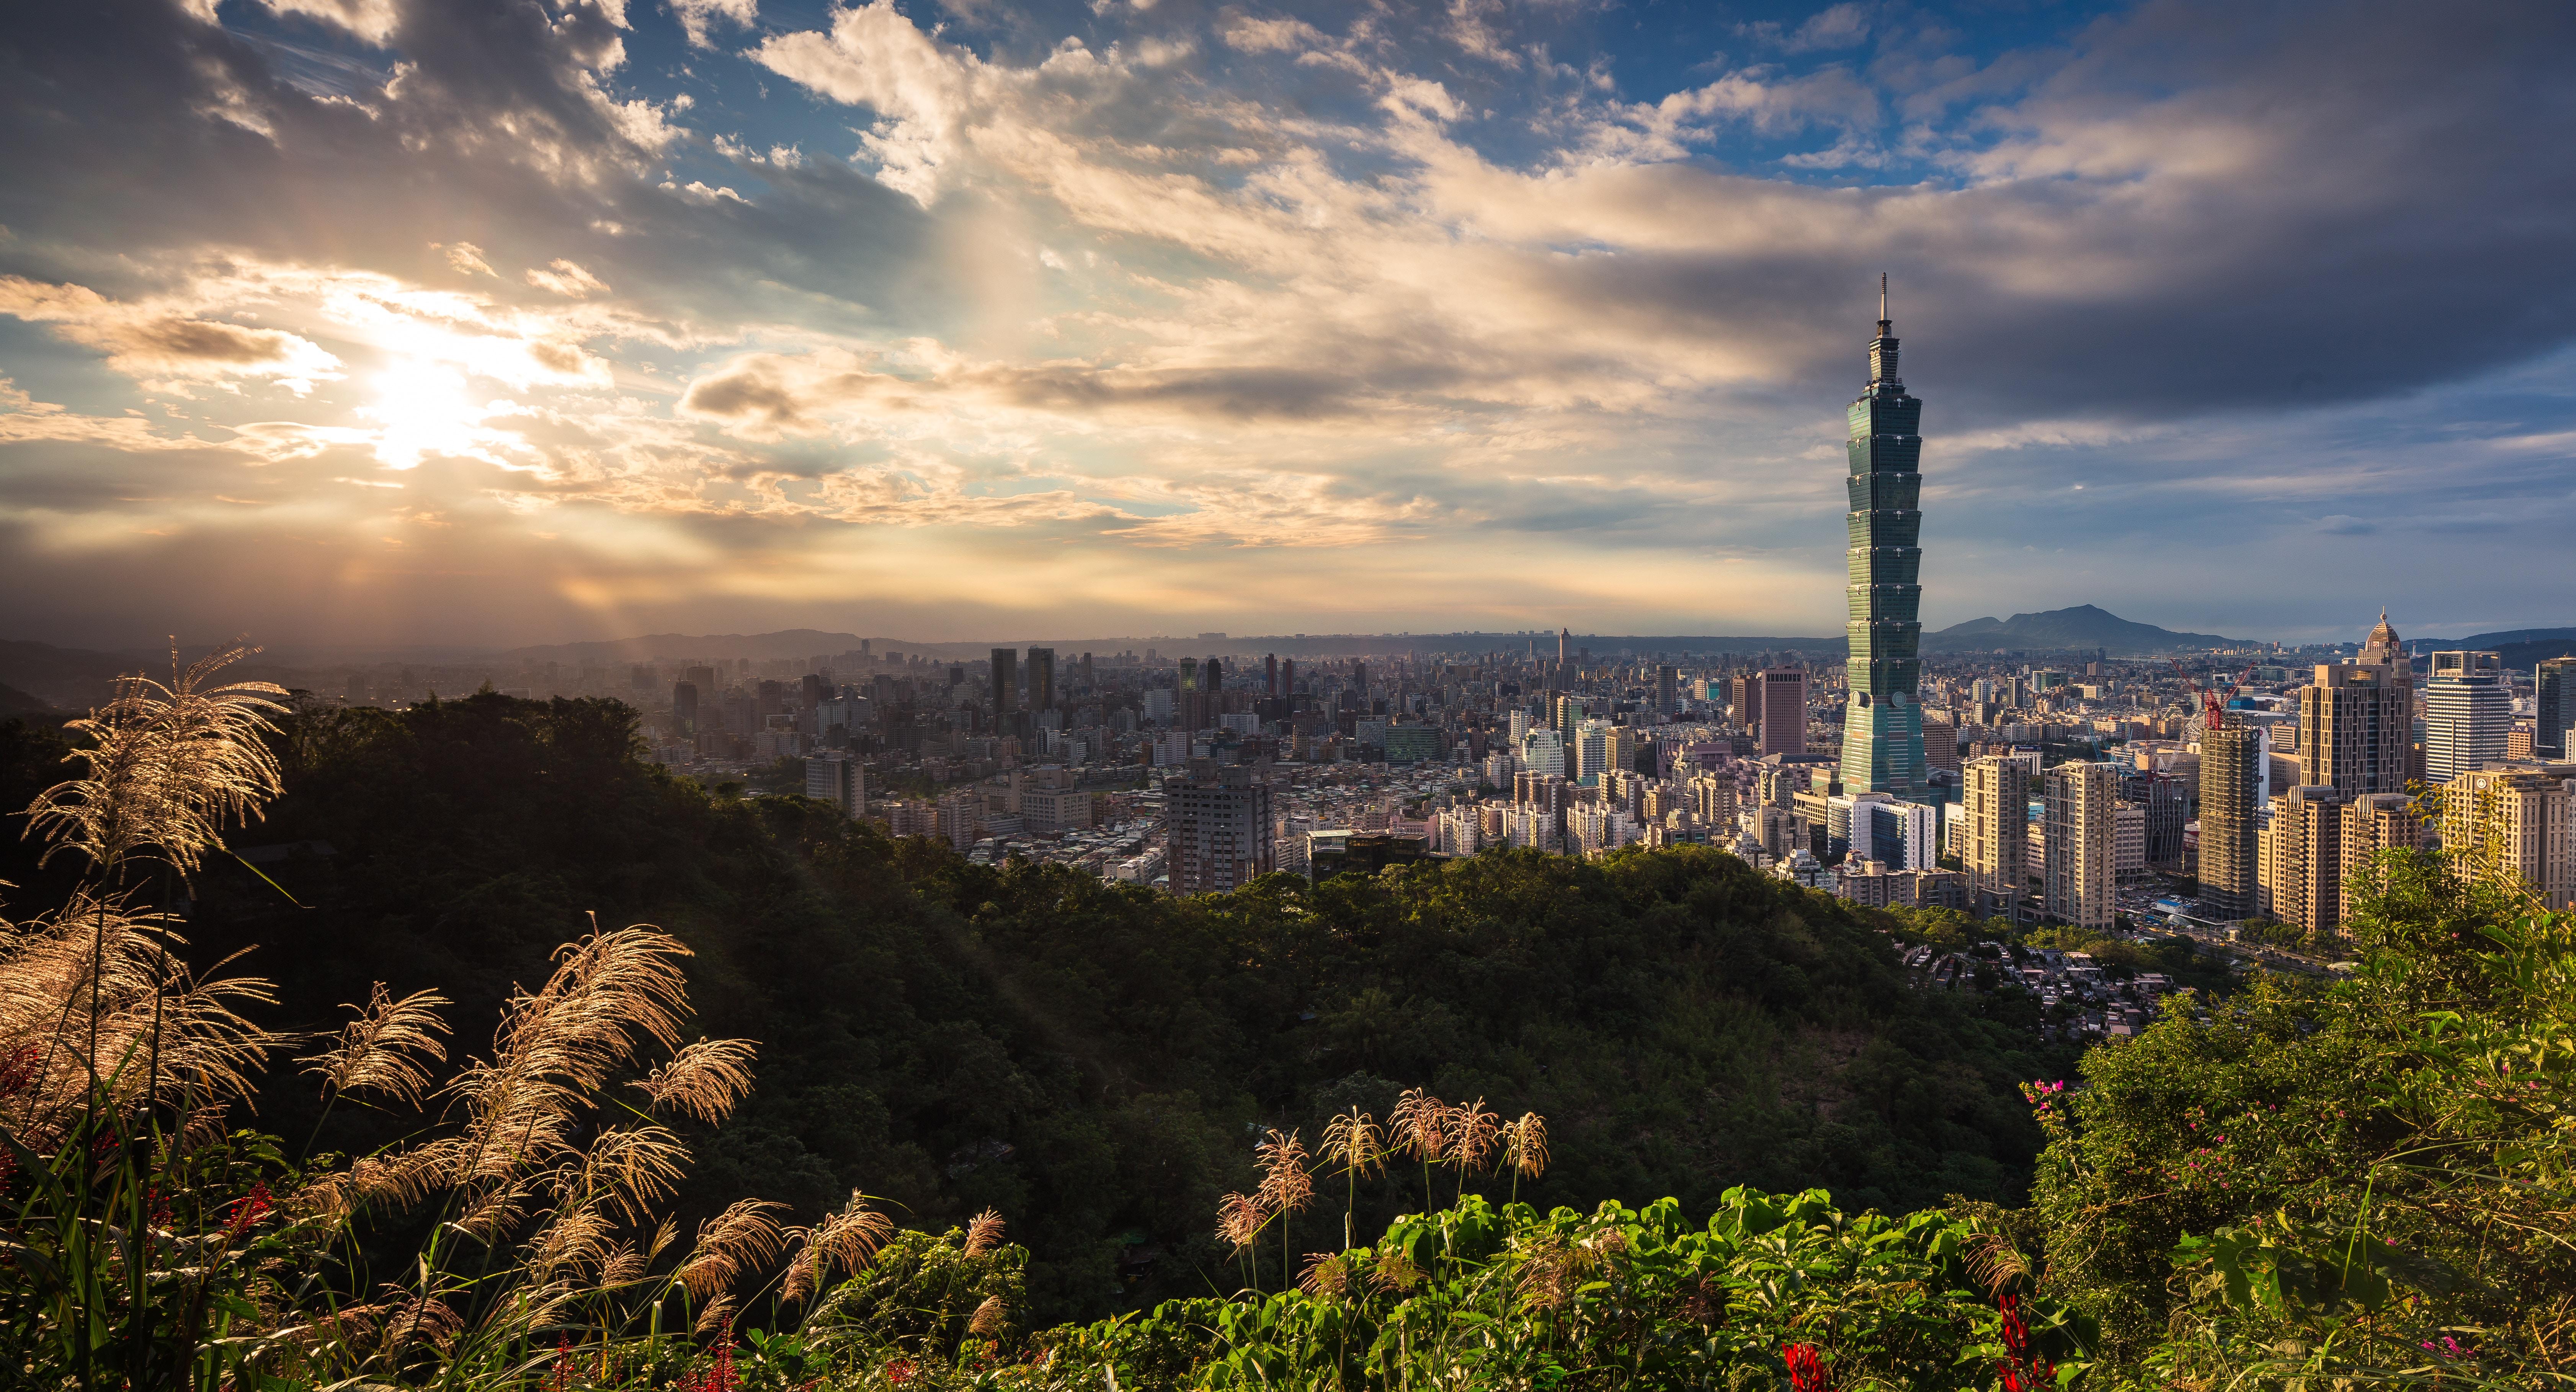 台湾の世界遺産&候補地!おすすめの絶景スポット16選を紹介!